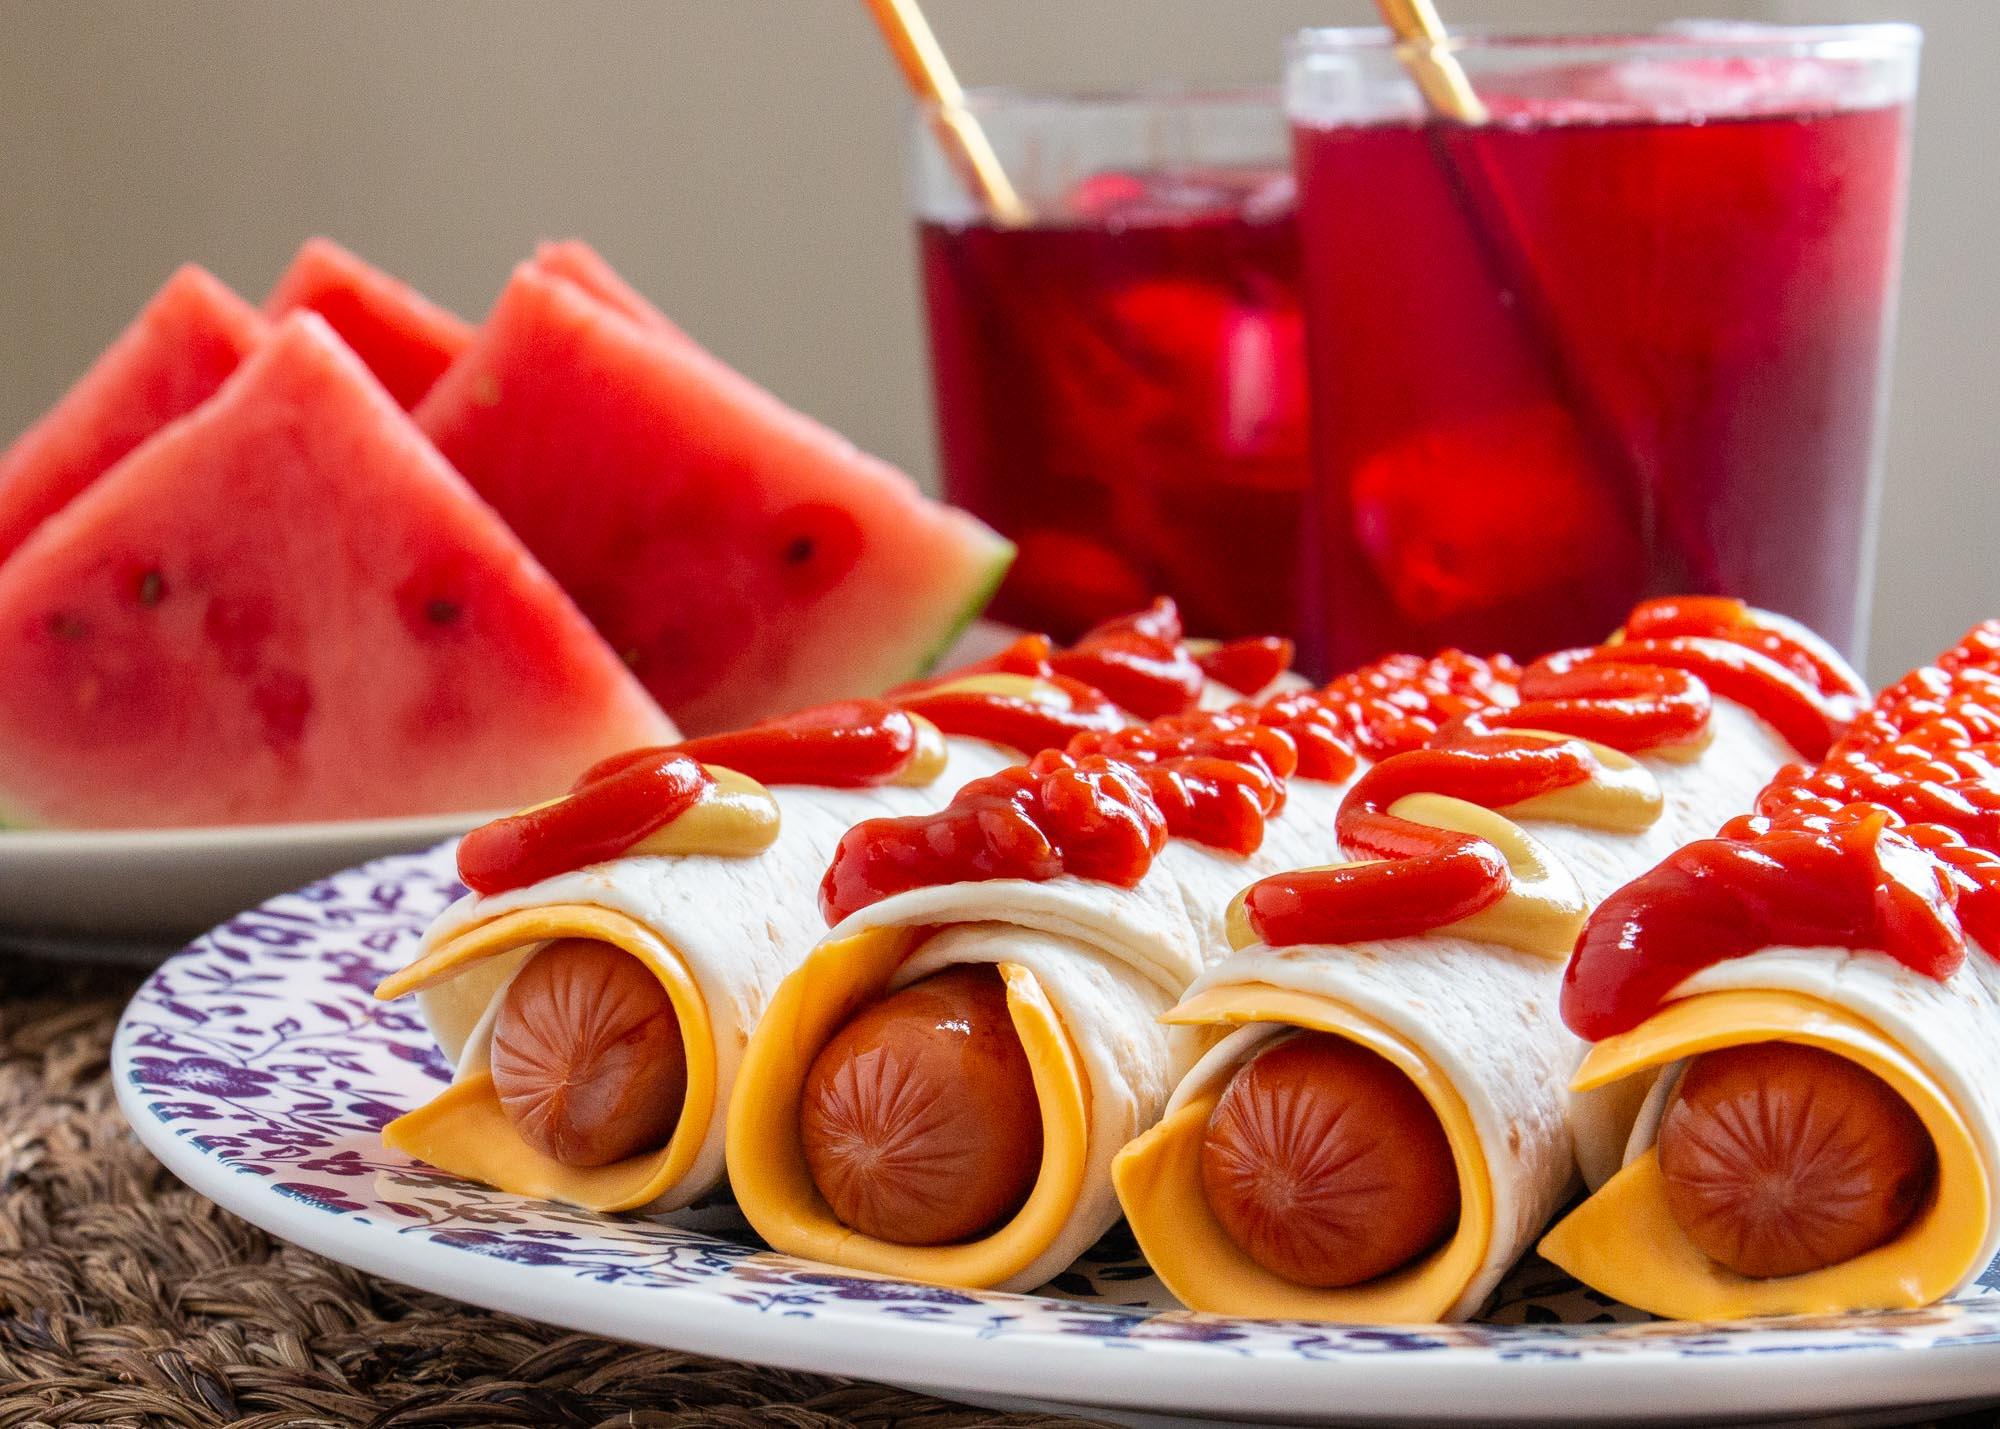 Hot Dog Roll Up Mackenzie Schieck